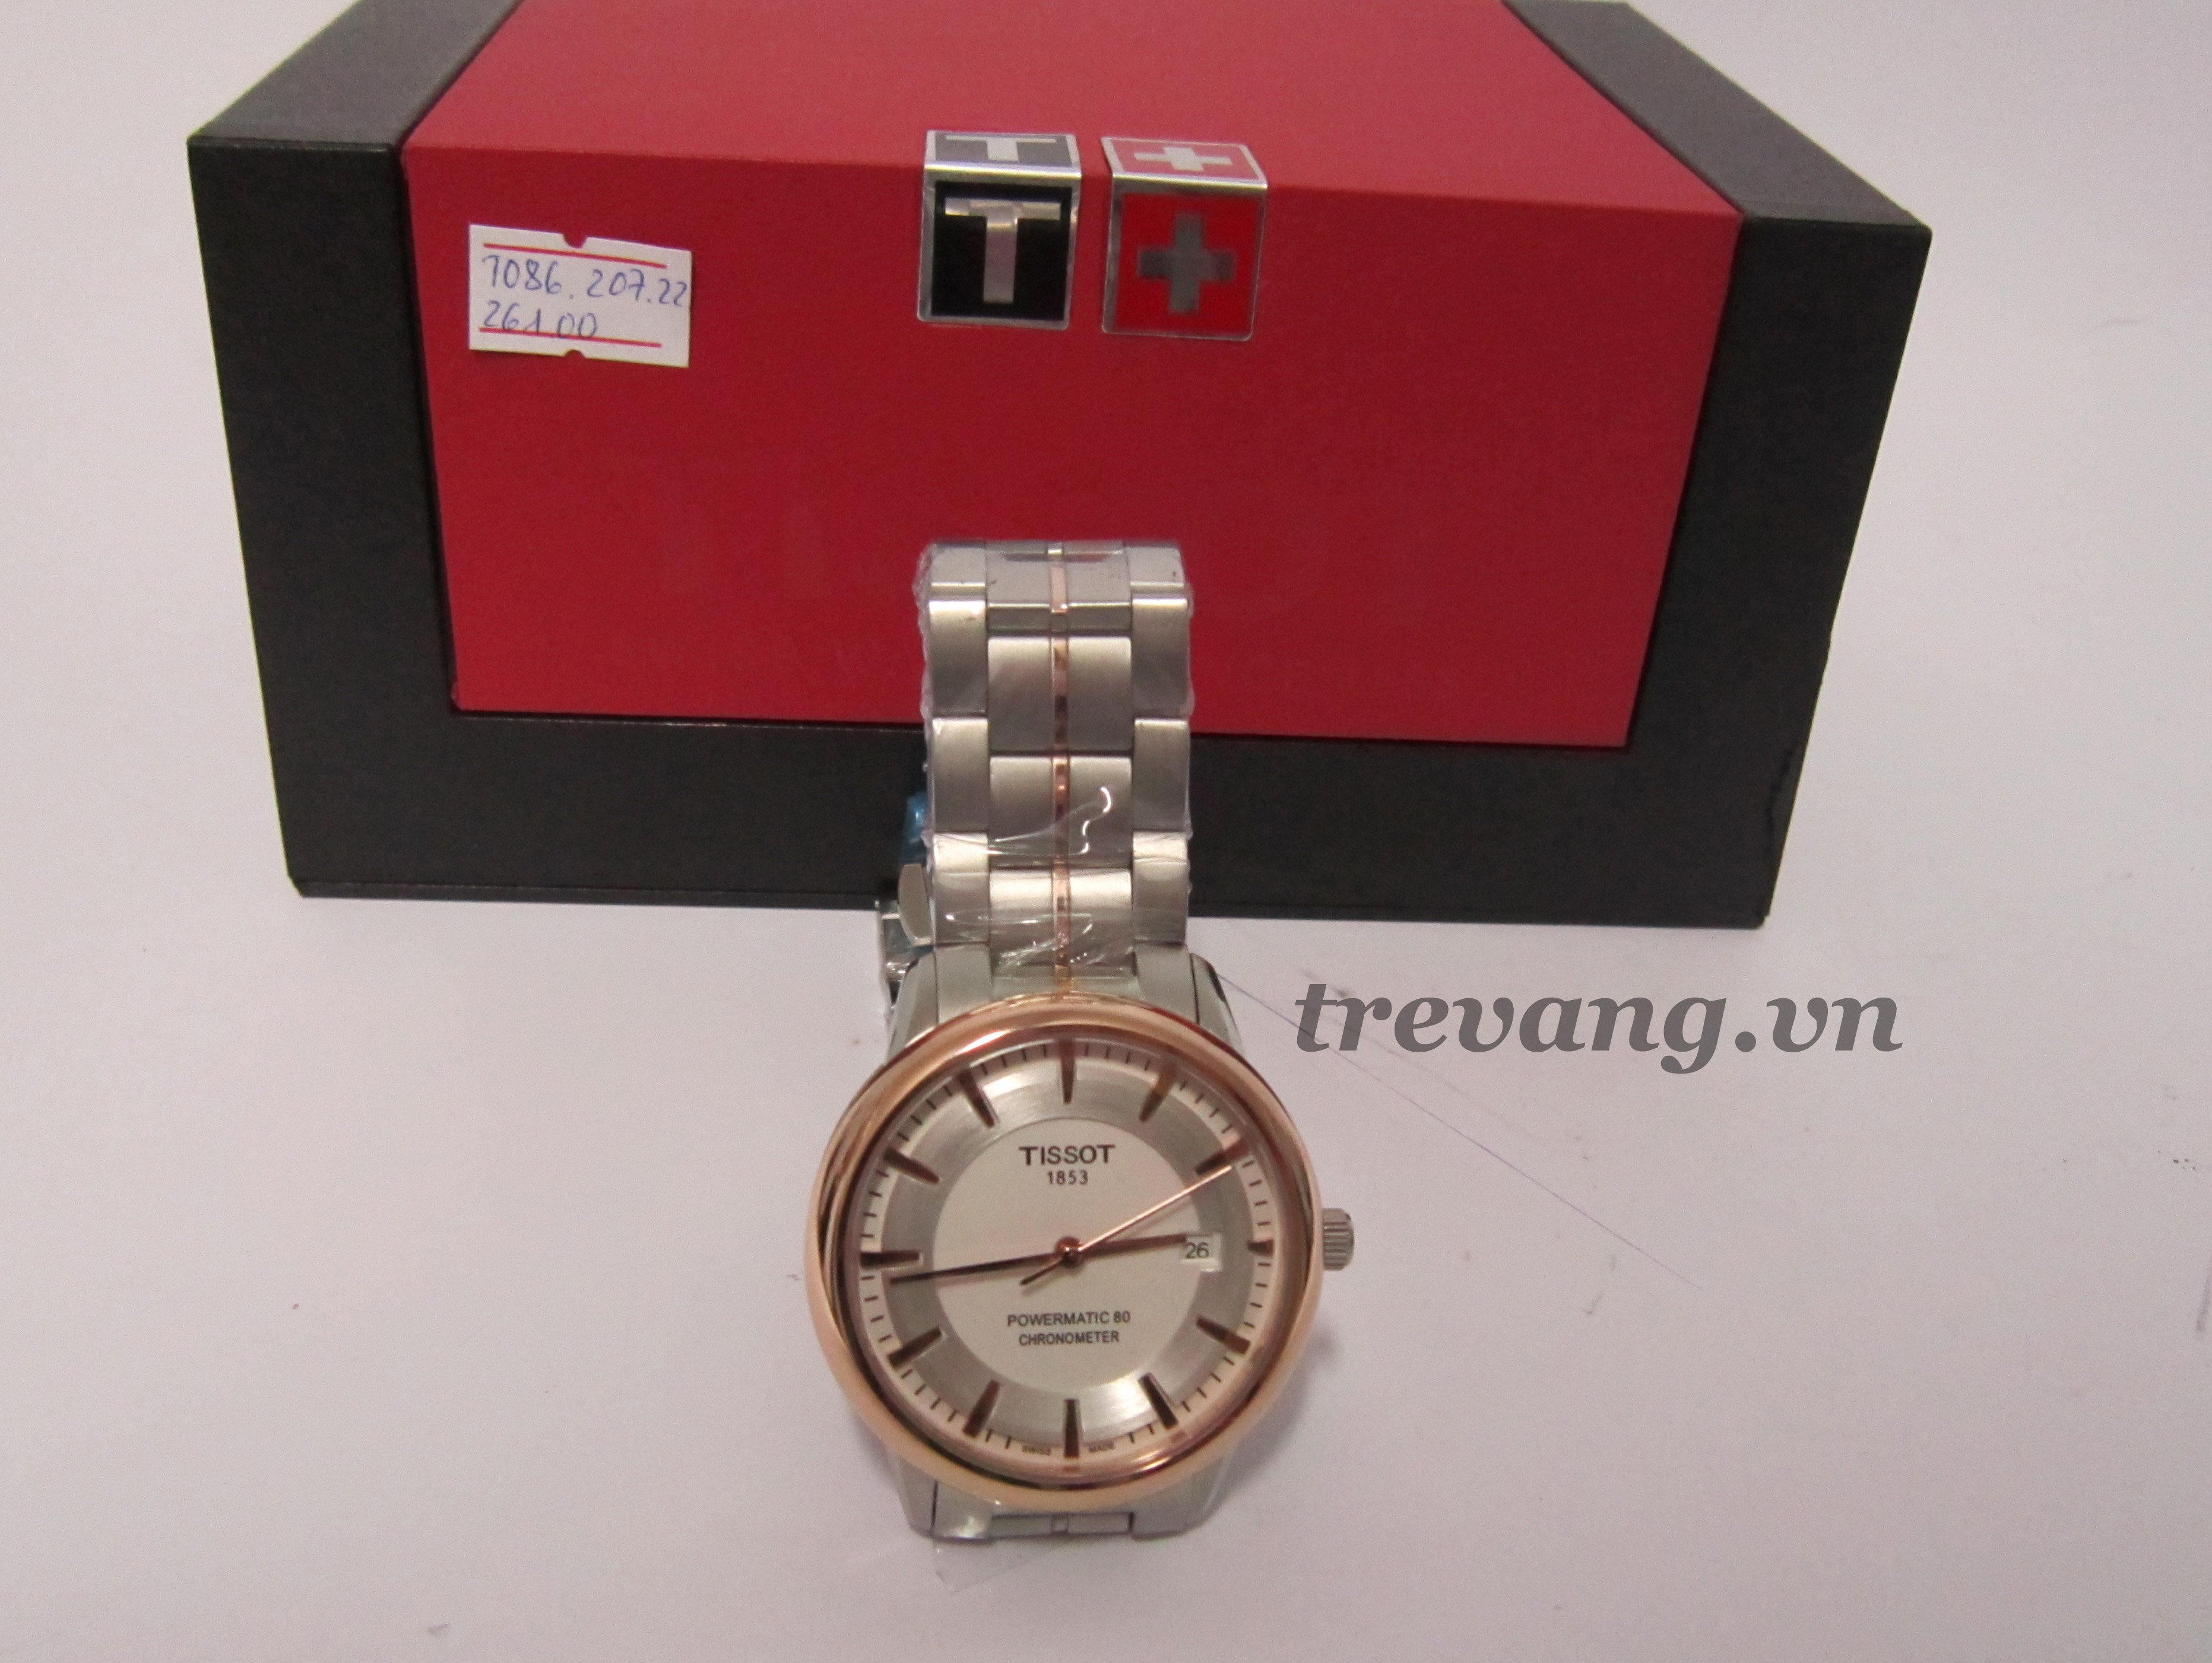 Đồng hồ nam Tissot 1853 T086.207.22.261.00 đẹp đa chiều